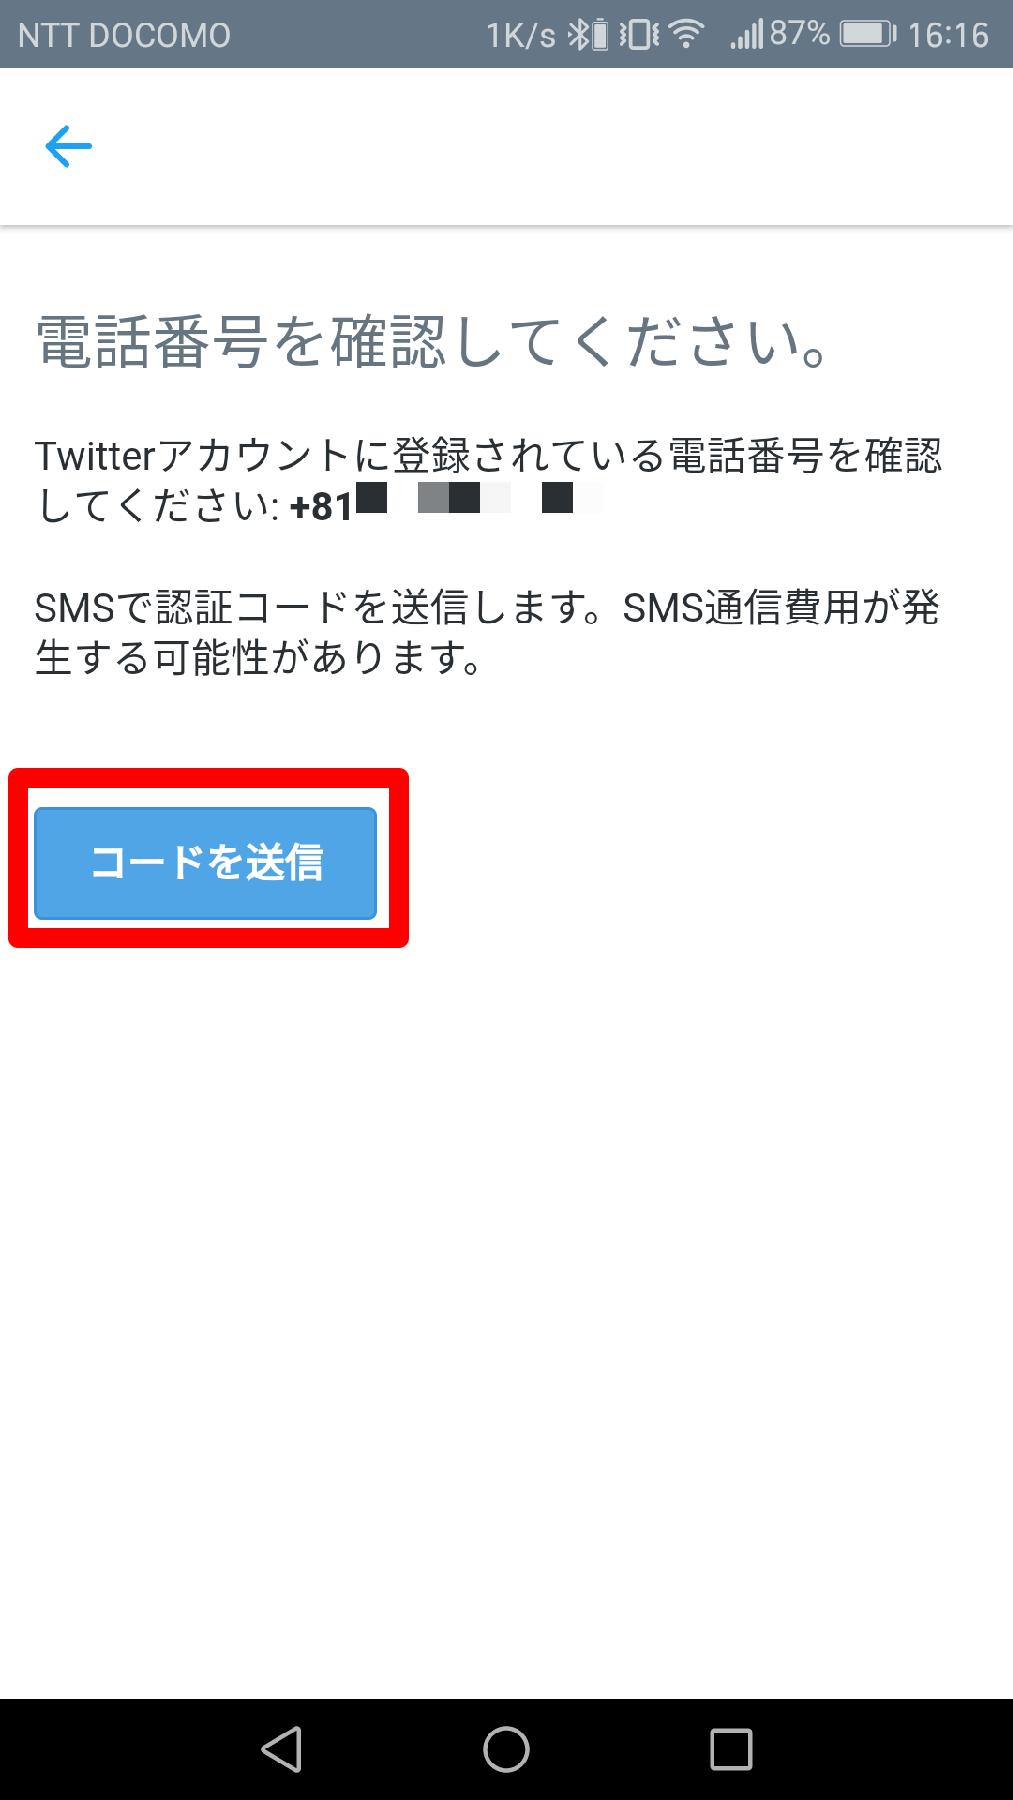 Twitter(ツイッター)の[電話番号を確認してください]画面